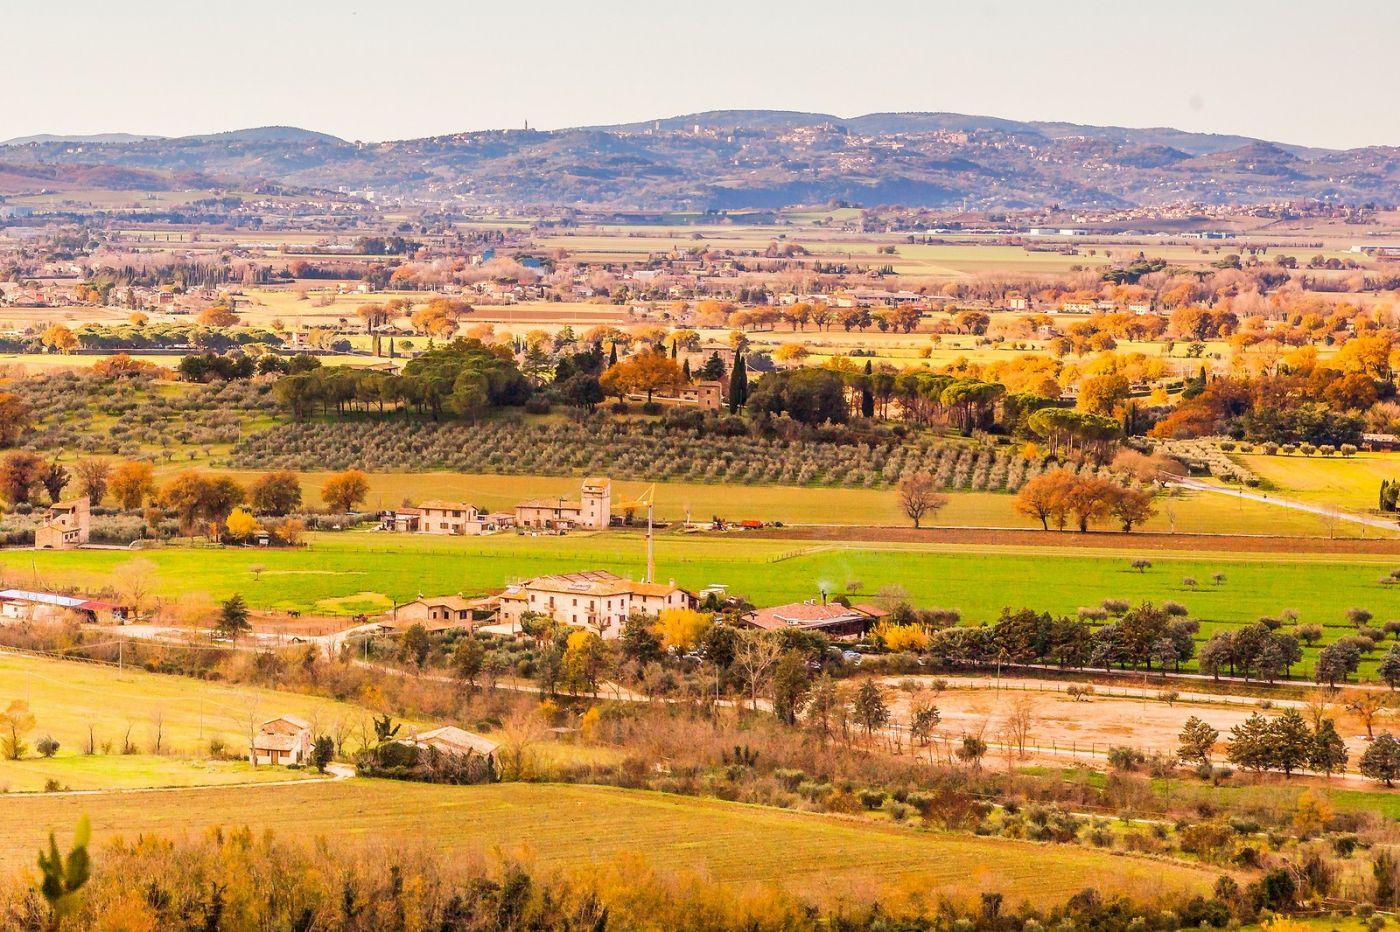 意大利阿西西(Assisi), 登高放眼_图1-27